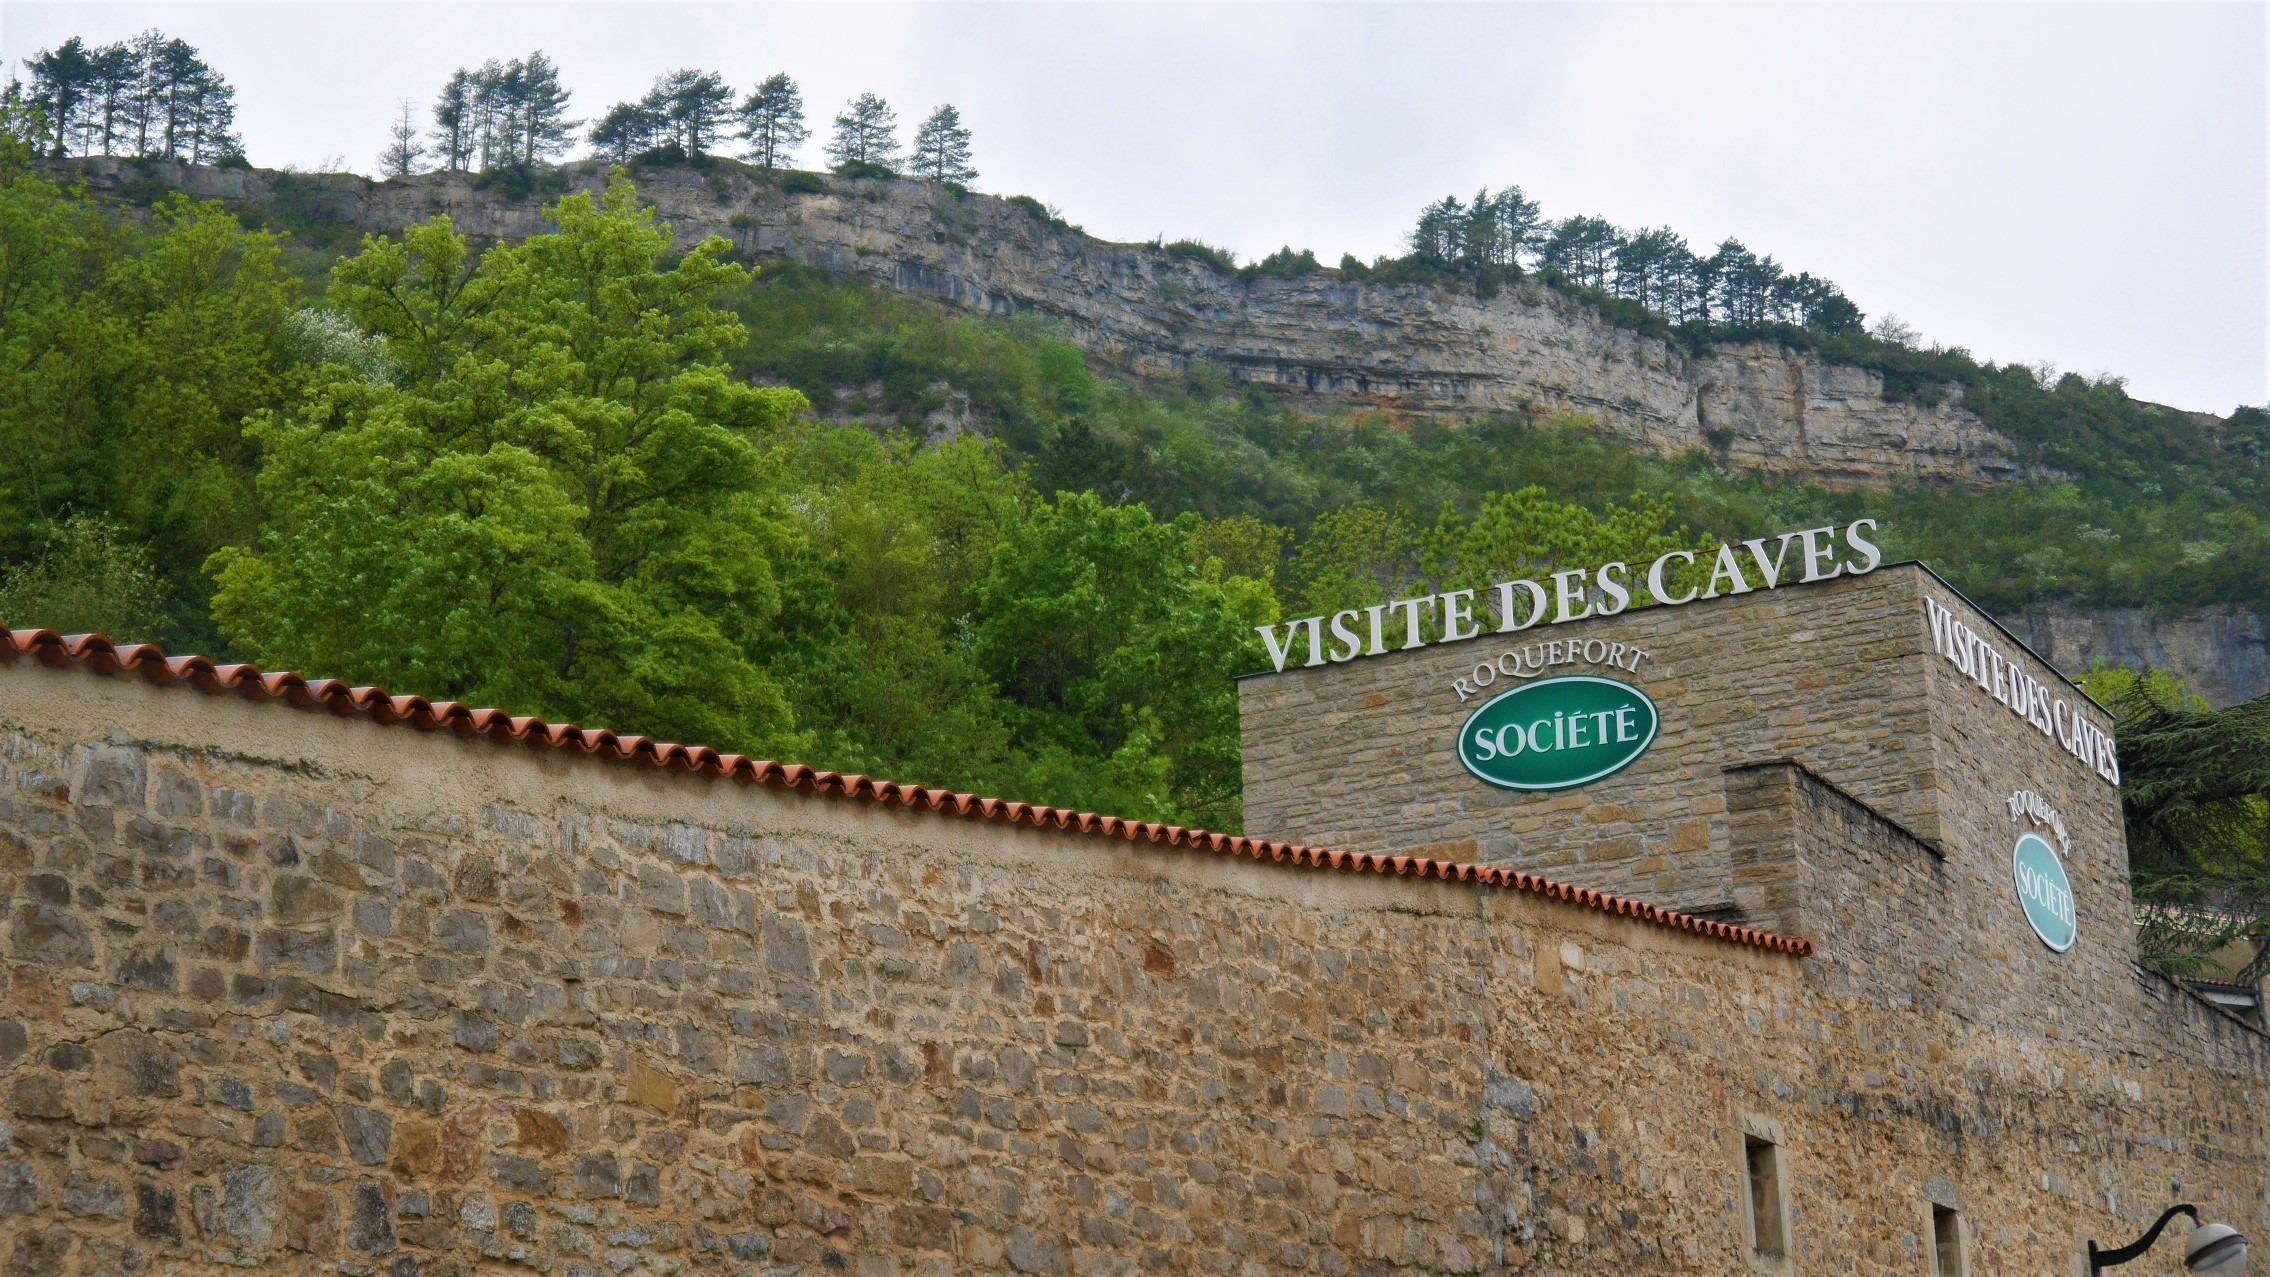 Aveyron Caves Roquefort Société visiter infos pratiques blog voyage france arpenter le chemin